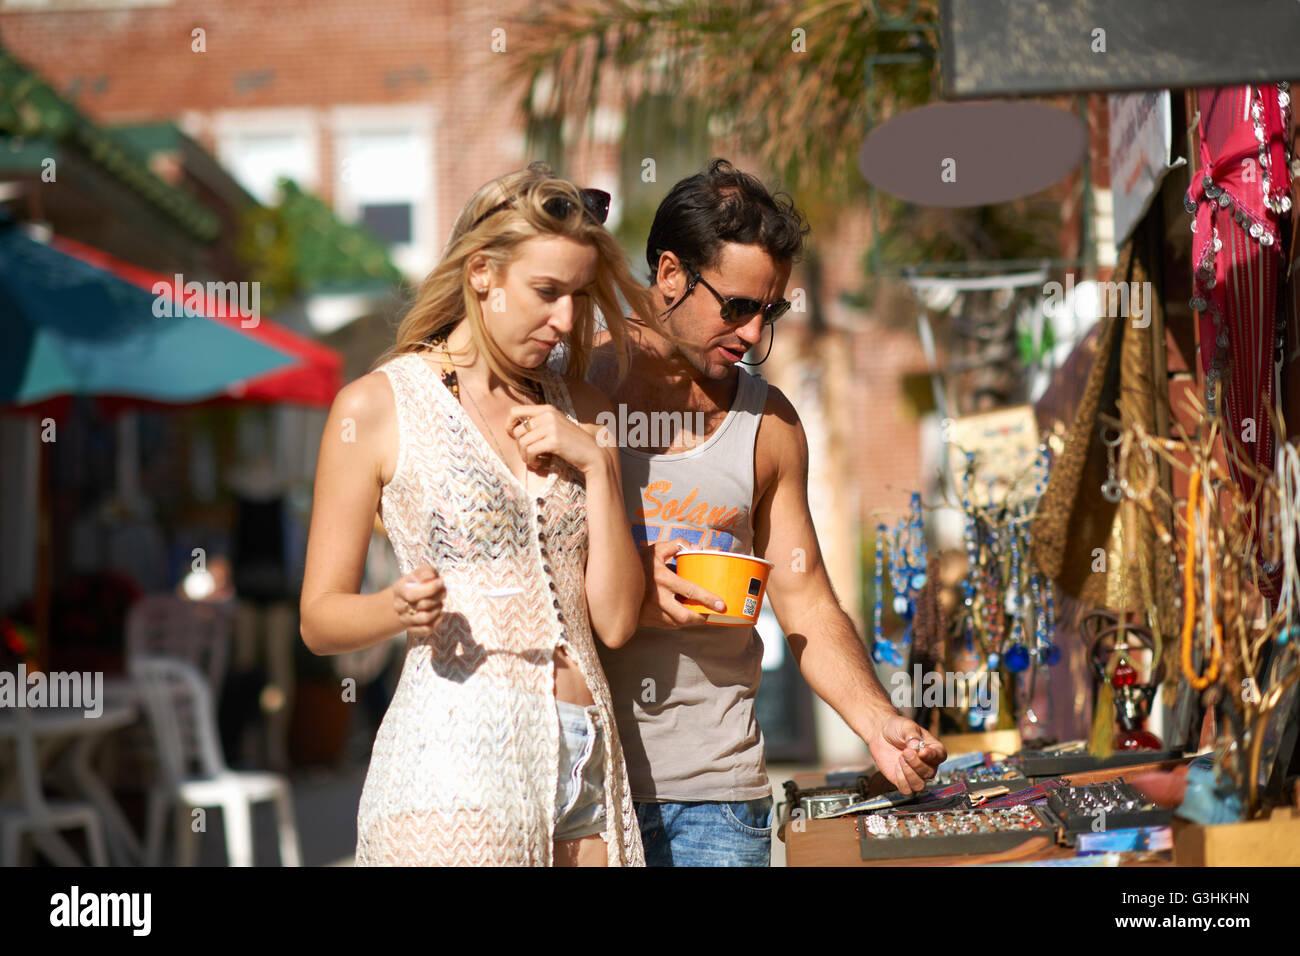 Paio mangiare yogurt surgelato e la navigazione gioielli stallo a Venice Beach, California, Stati Uniti d'America Immagini Stock